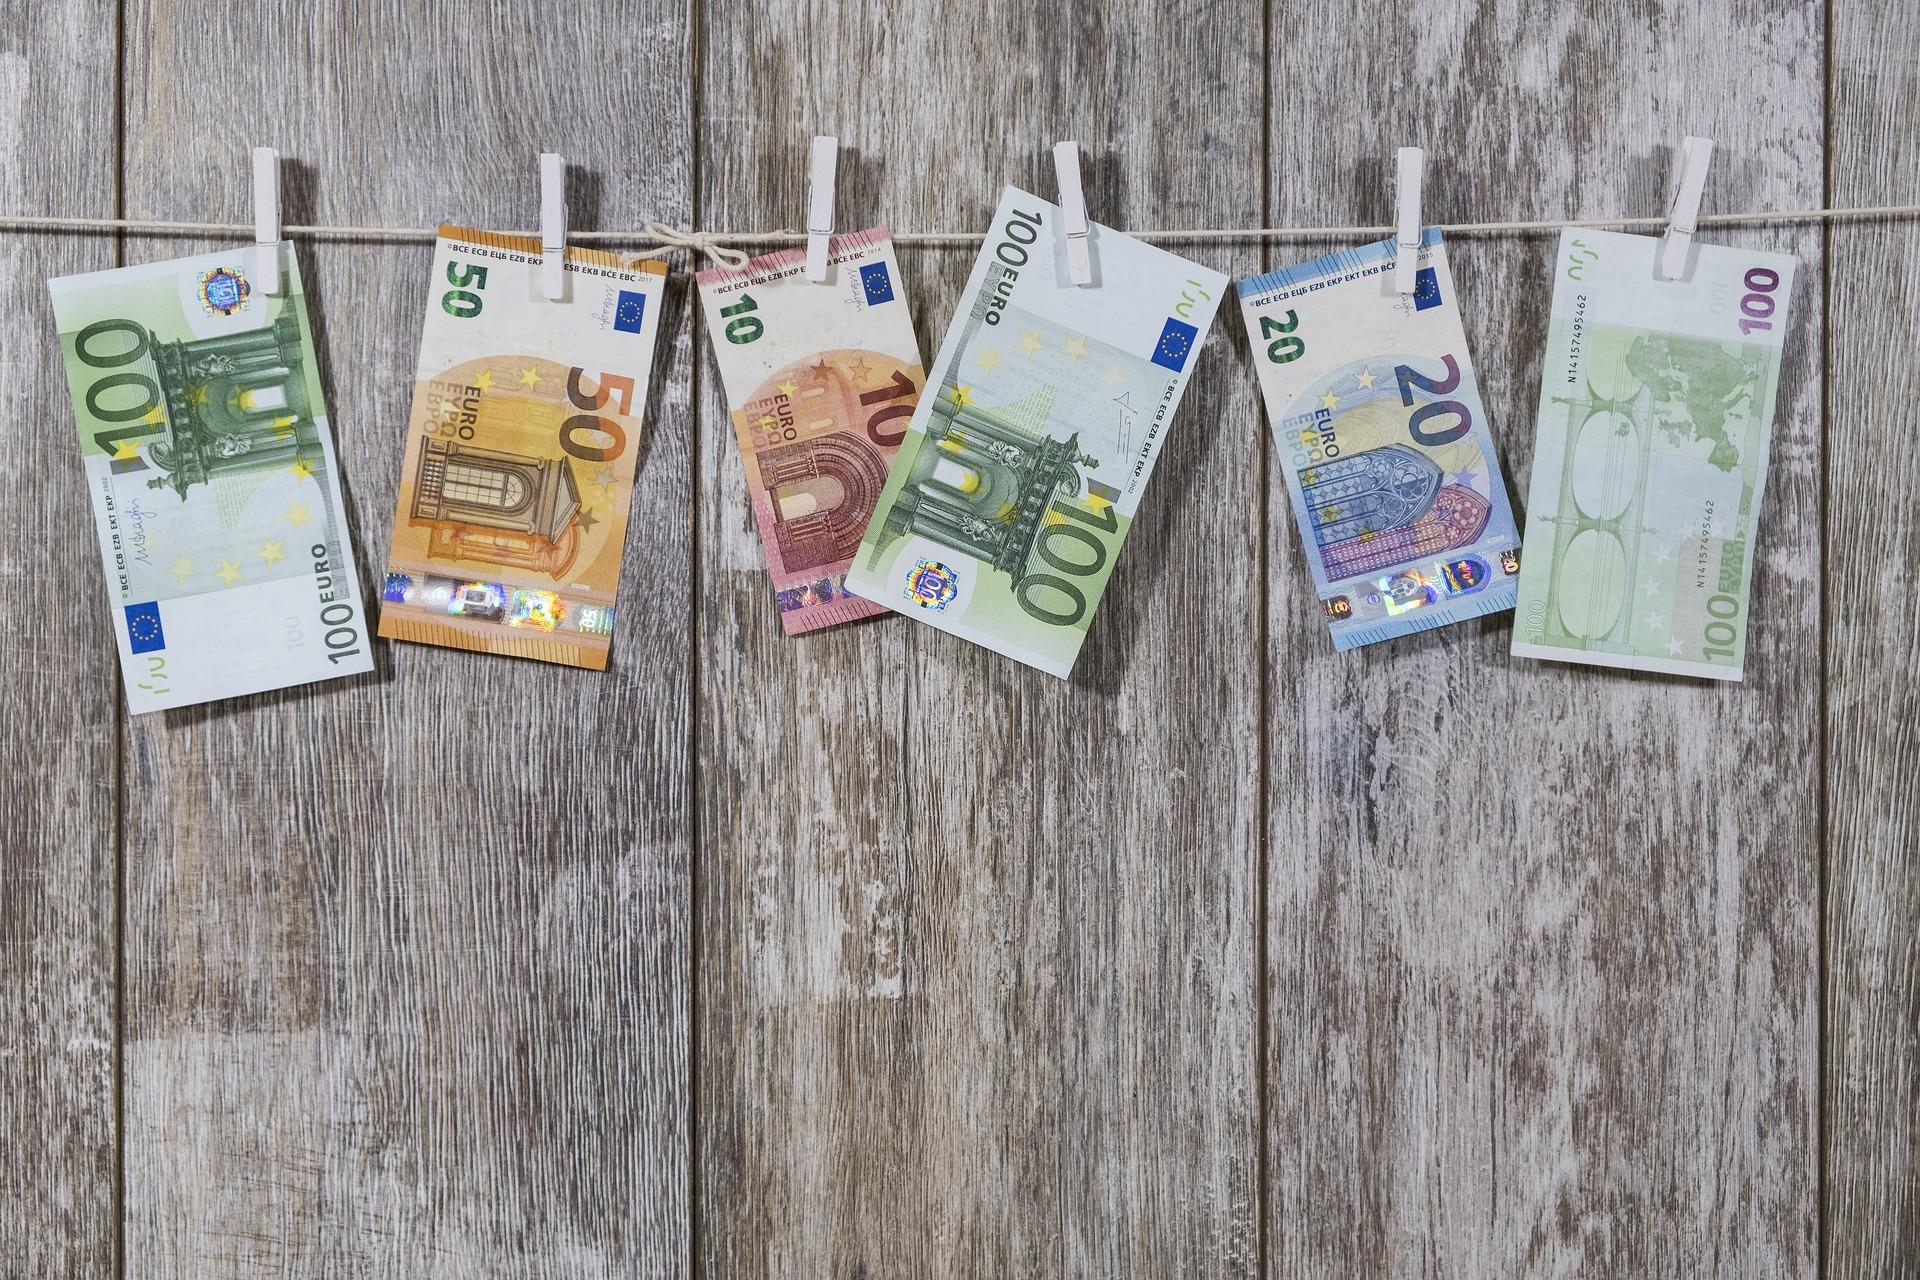 Jak složit peníze jako dárek?